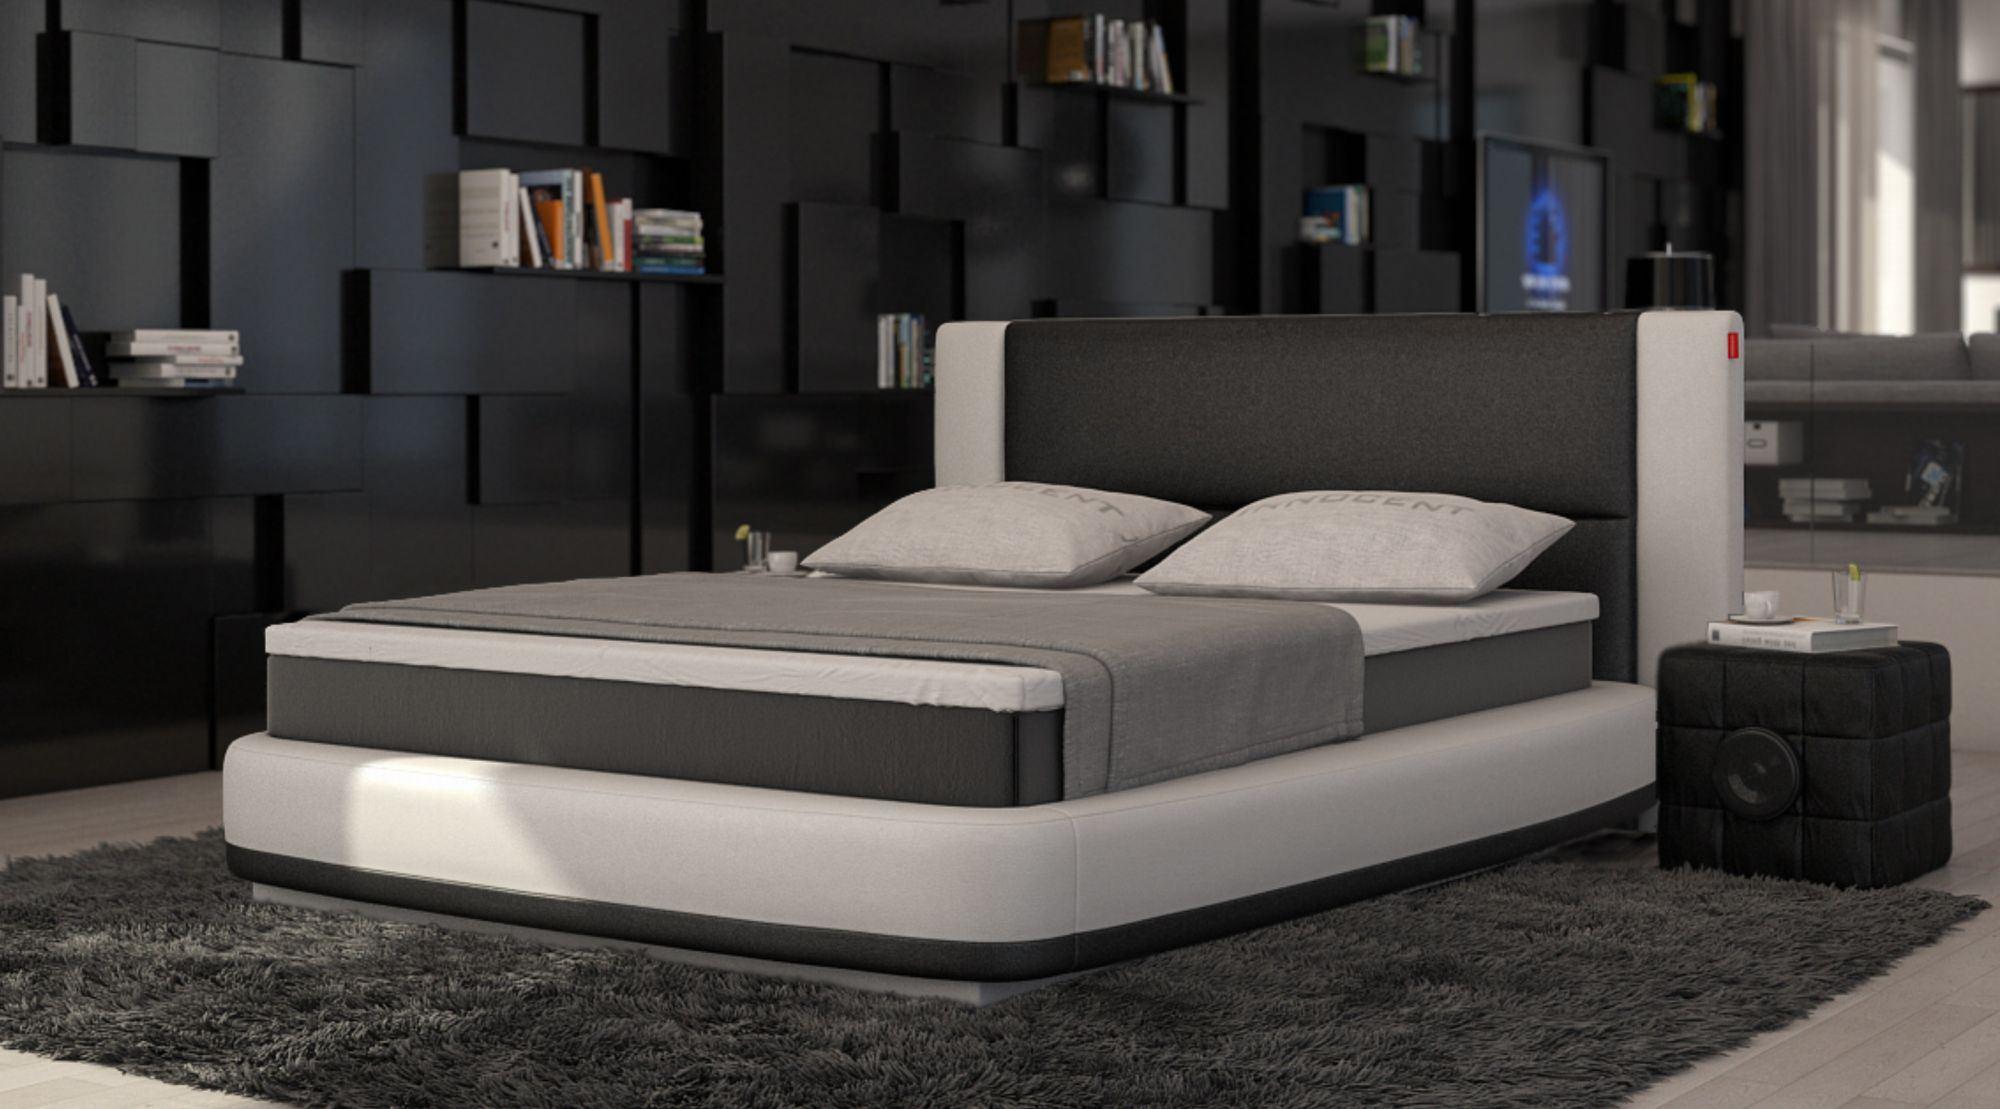 Full Size of Boxspringbett Aquila Design Luxus Polsterbett Bequemes Betten 200x220 Bett Wohnzimmer Polsterbett 200x220